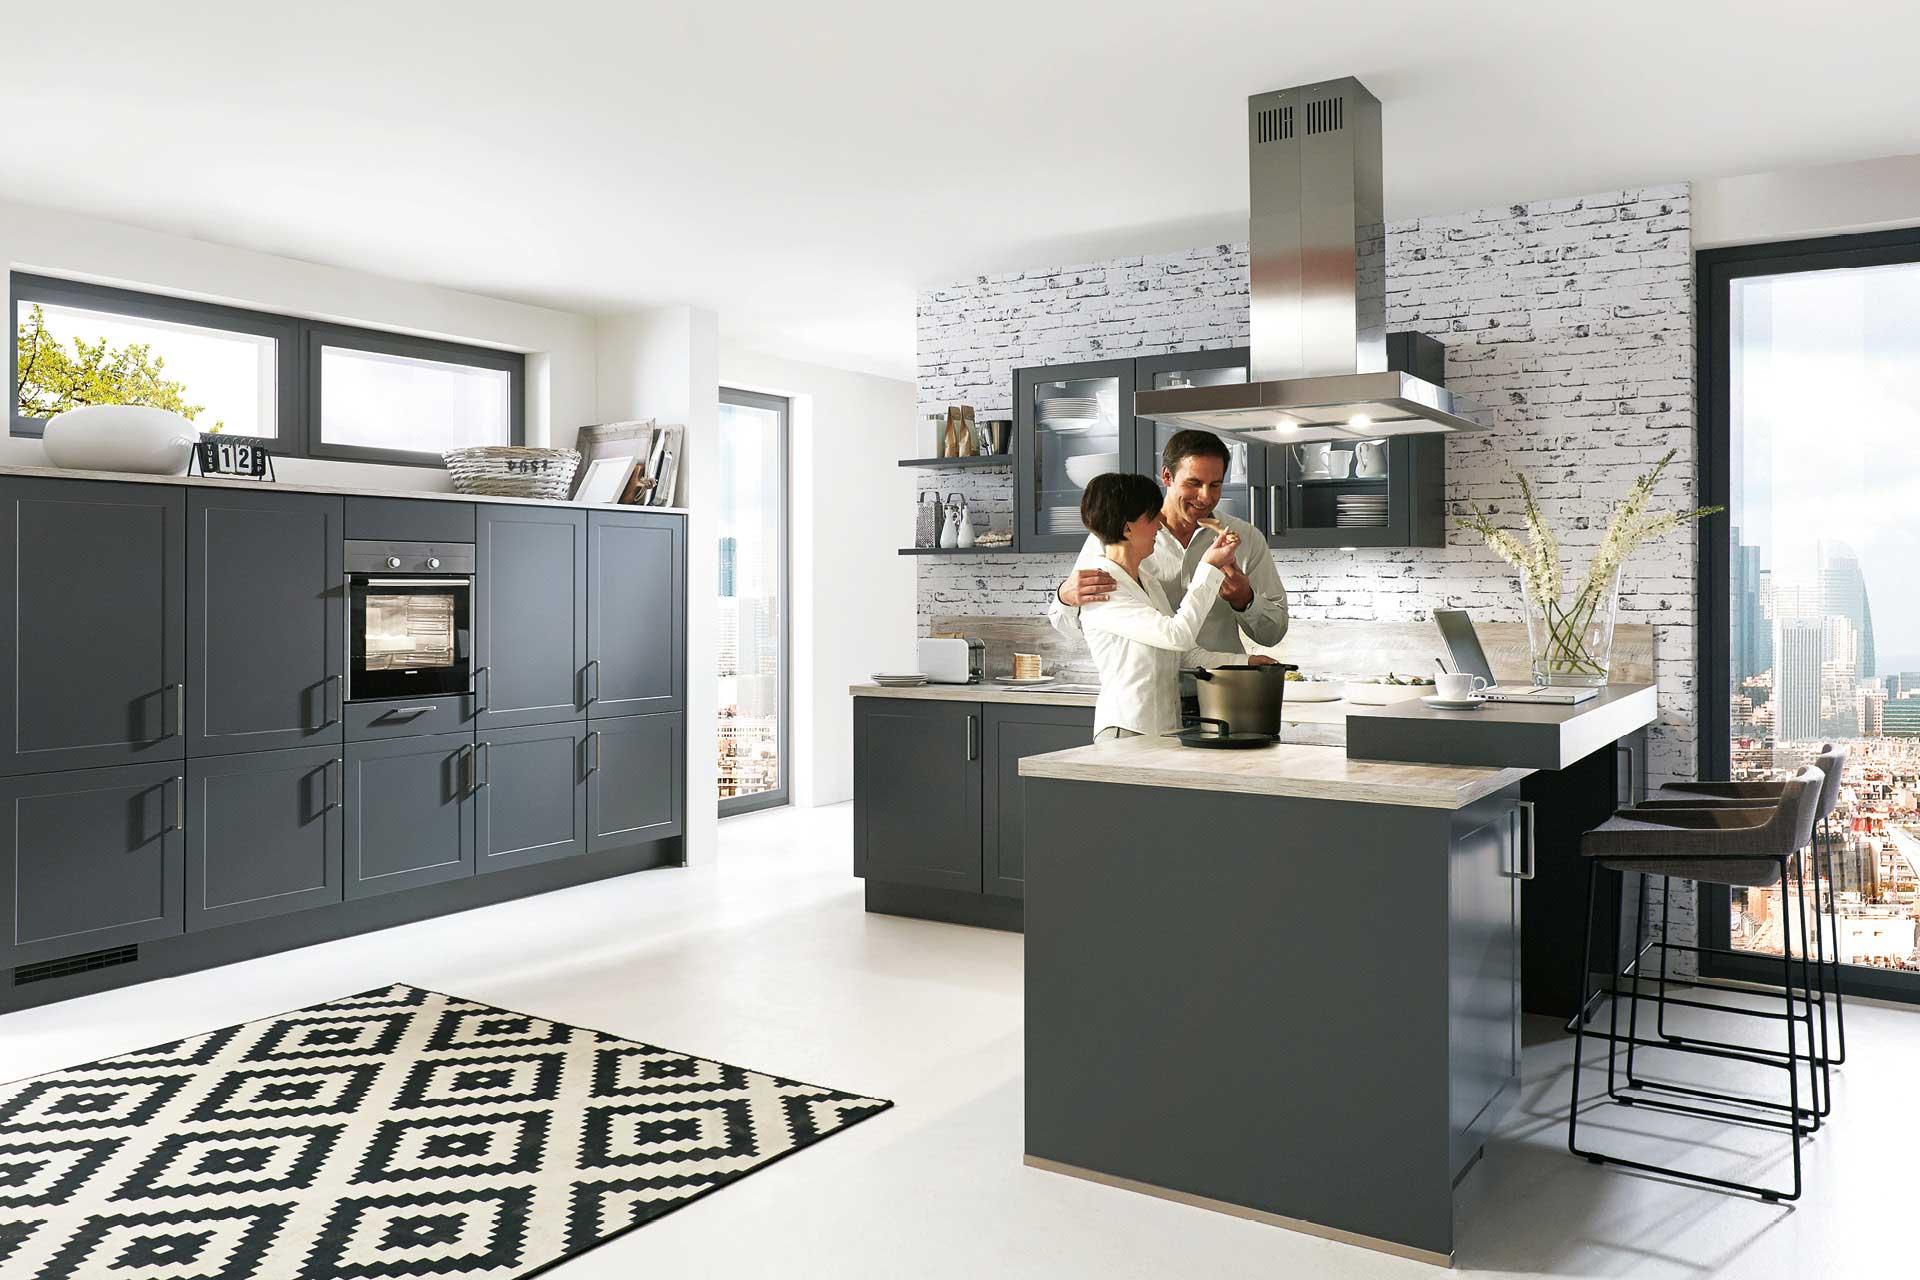 Prisma Küchen - Einrichtungshaus Werkshagen